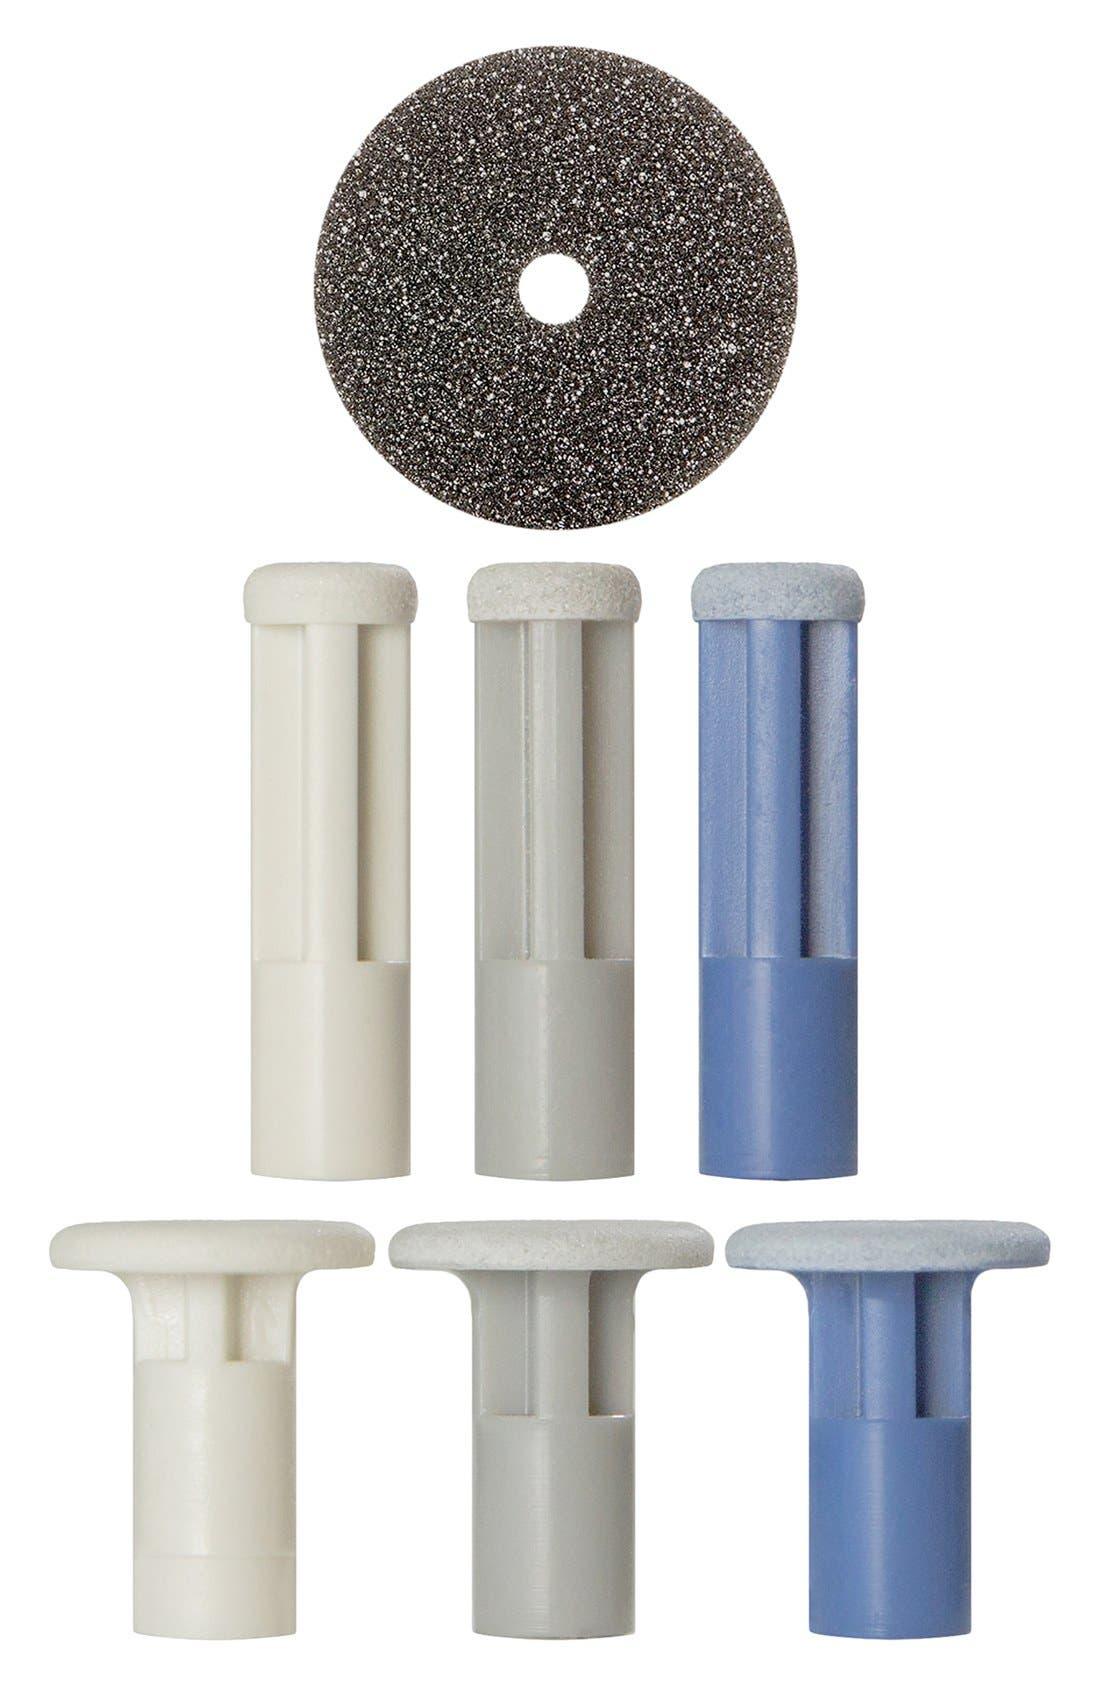 Sensitive Kit Replacement Discs,                             Main thumbnail 1, color,                             NONE